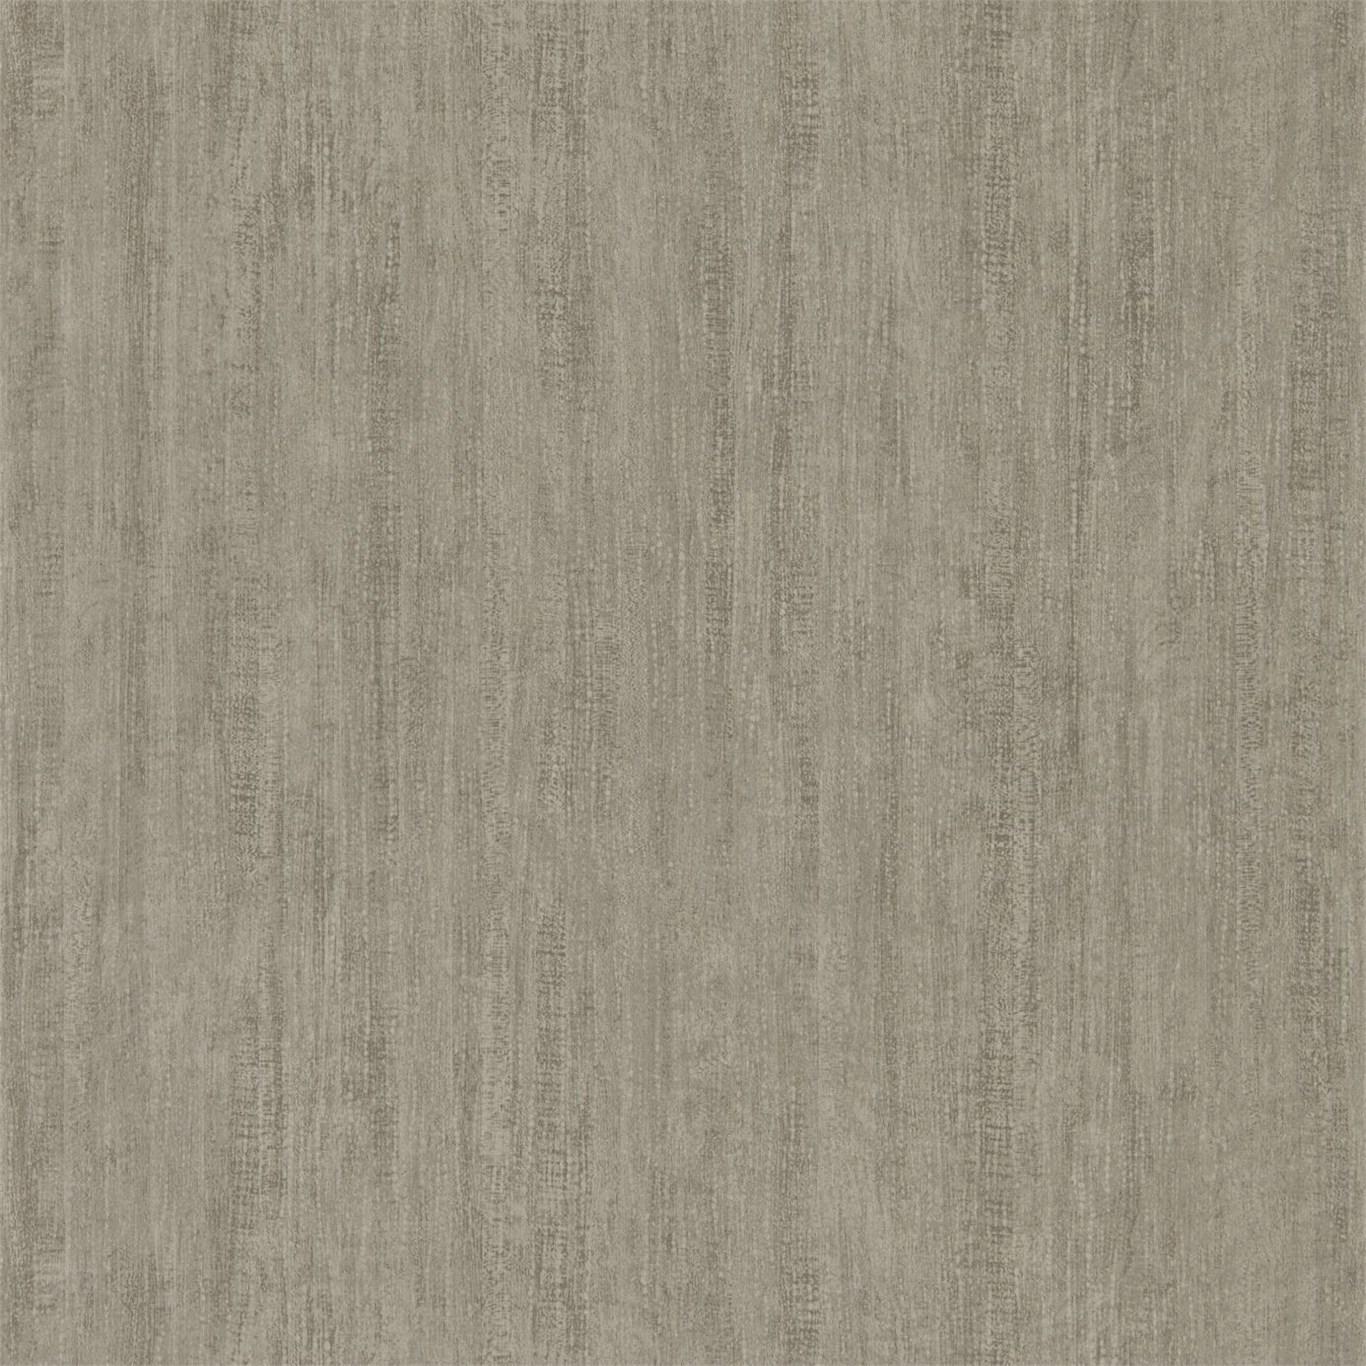 Wildwood 215692